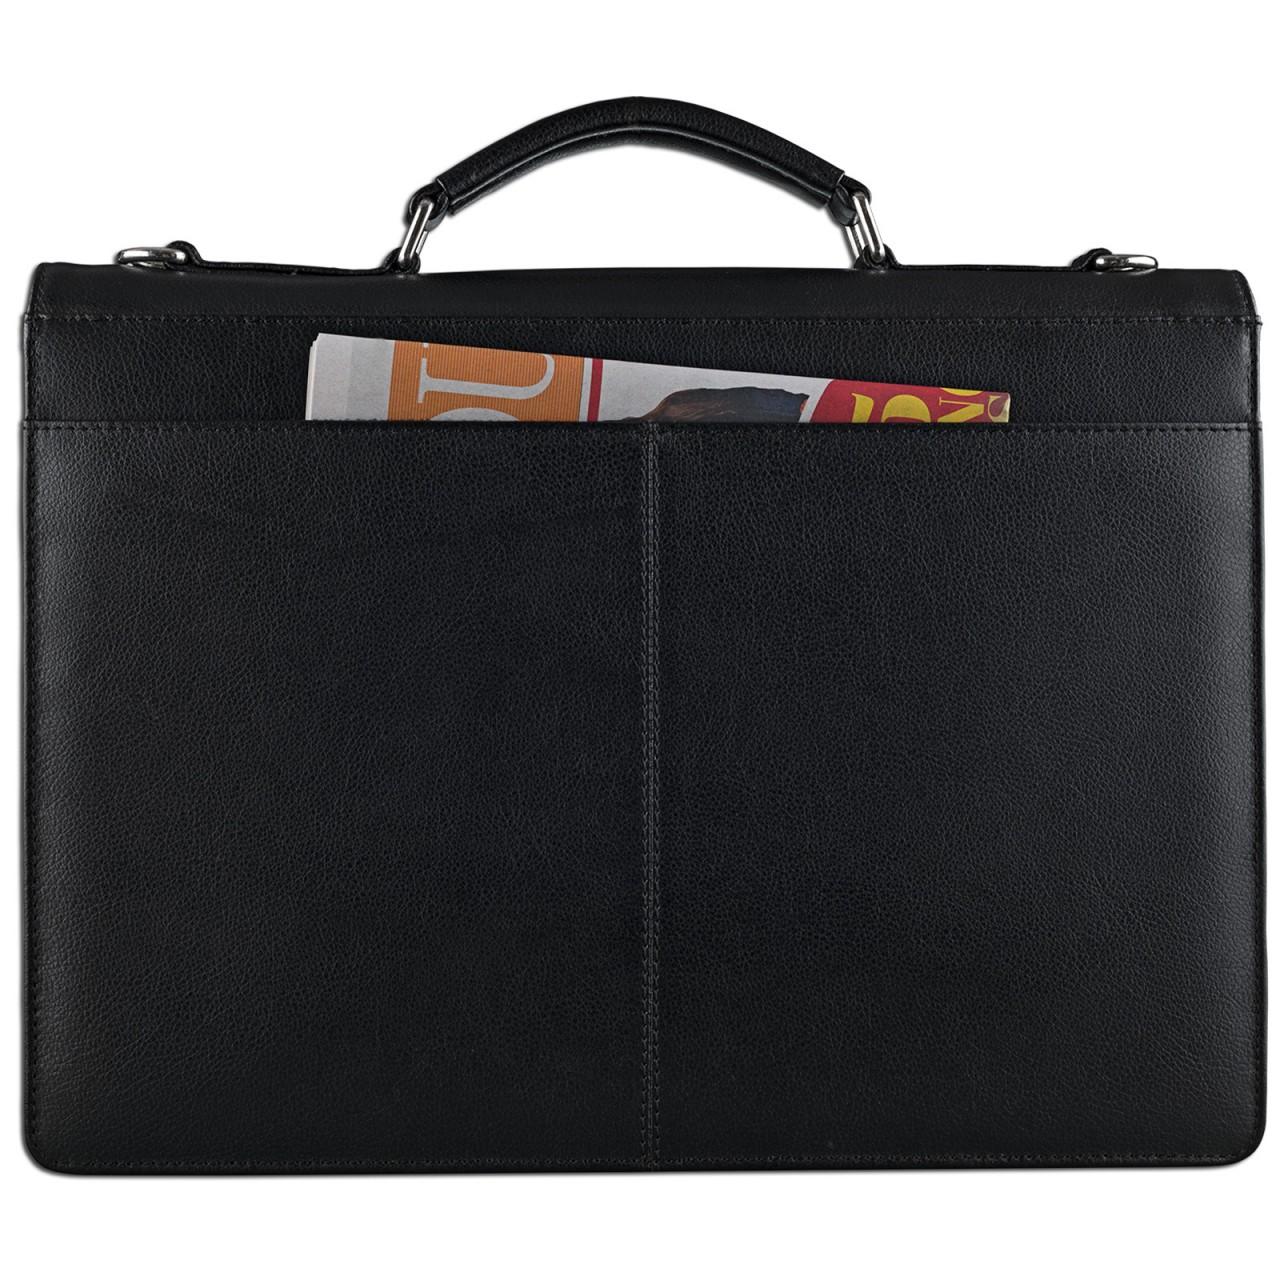 """STILORD """"Jonathan"""" Elegante Aktentasche klassische Büro Business Schultertasche groß 15,6 Zoll mit Schloss Rinds Leder schwarz - Bild 6"""